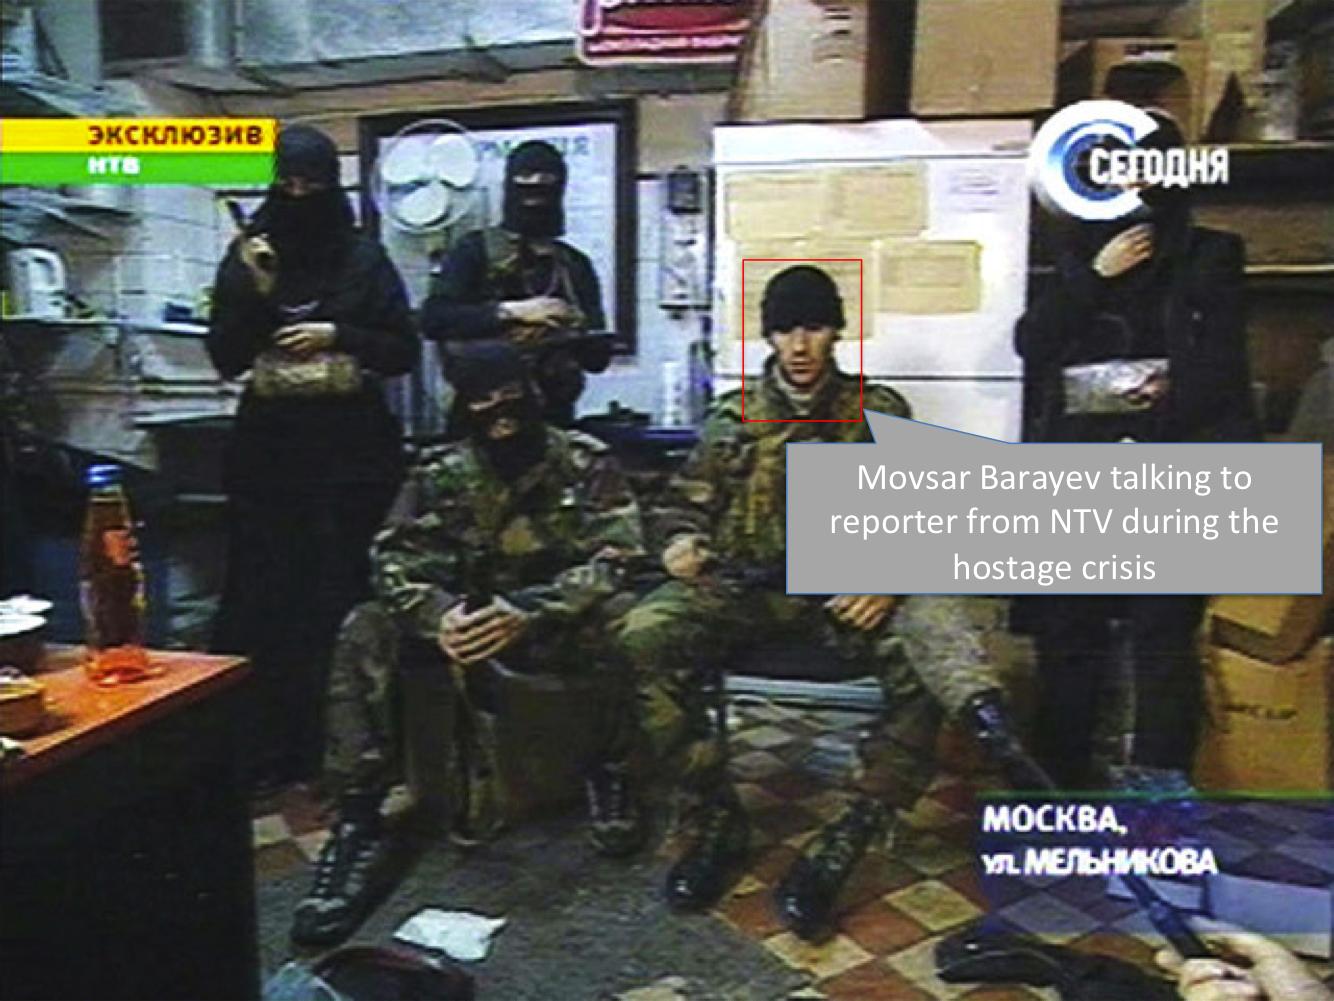 Μοβσάρ Μπαράεφ δίνει συνέντευξη κατά τη διάρκεια της ομηρίας